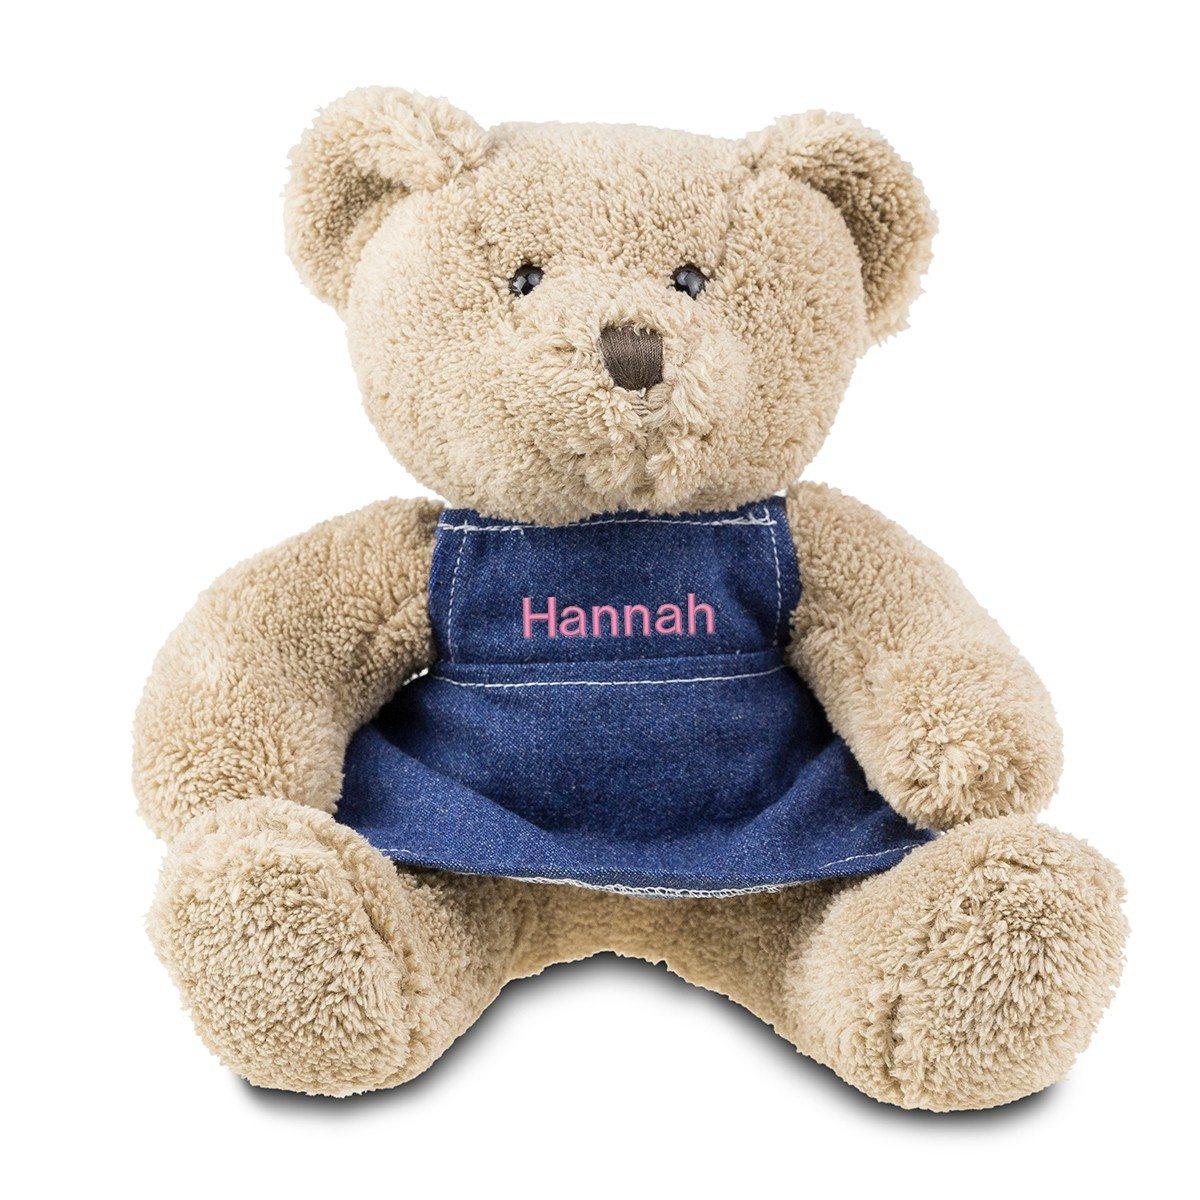 Teddybär mit Kleid und Namen